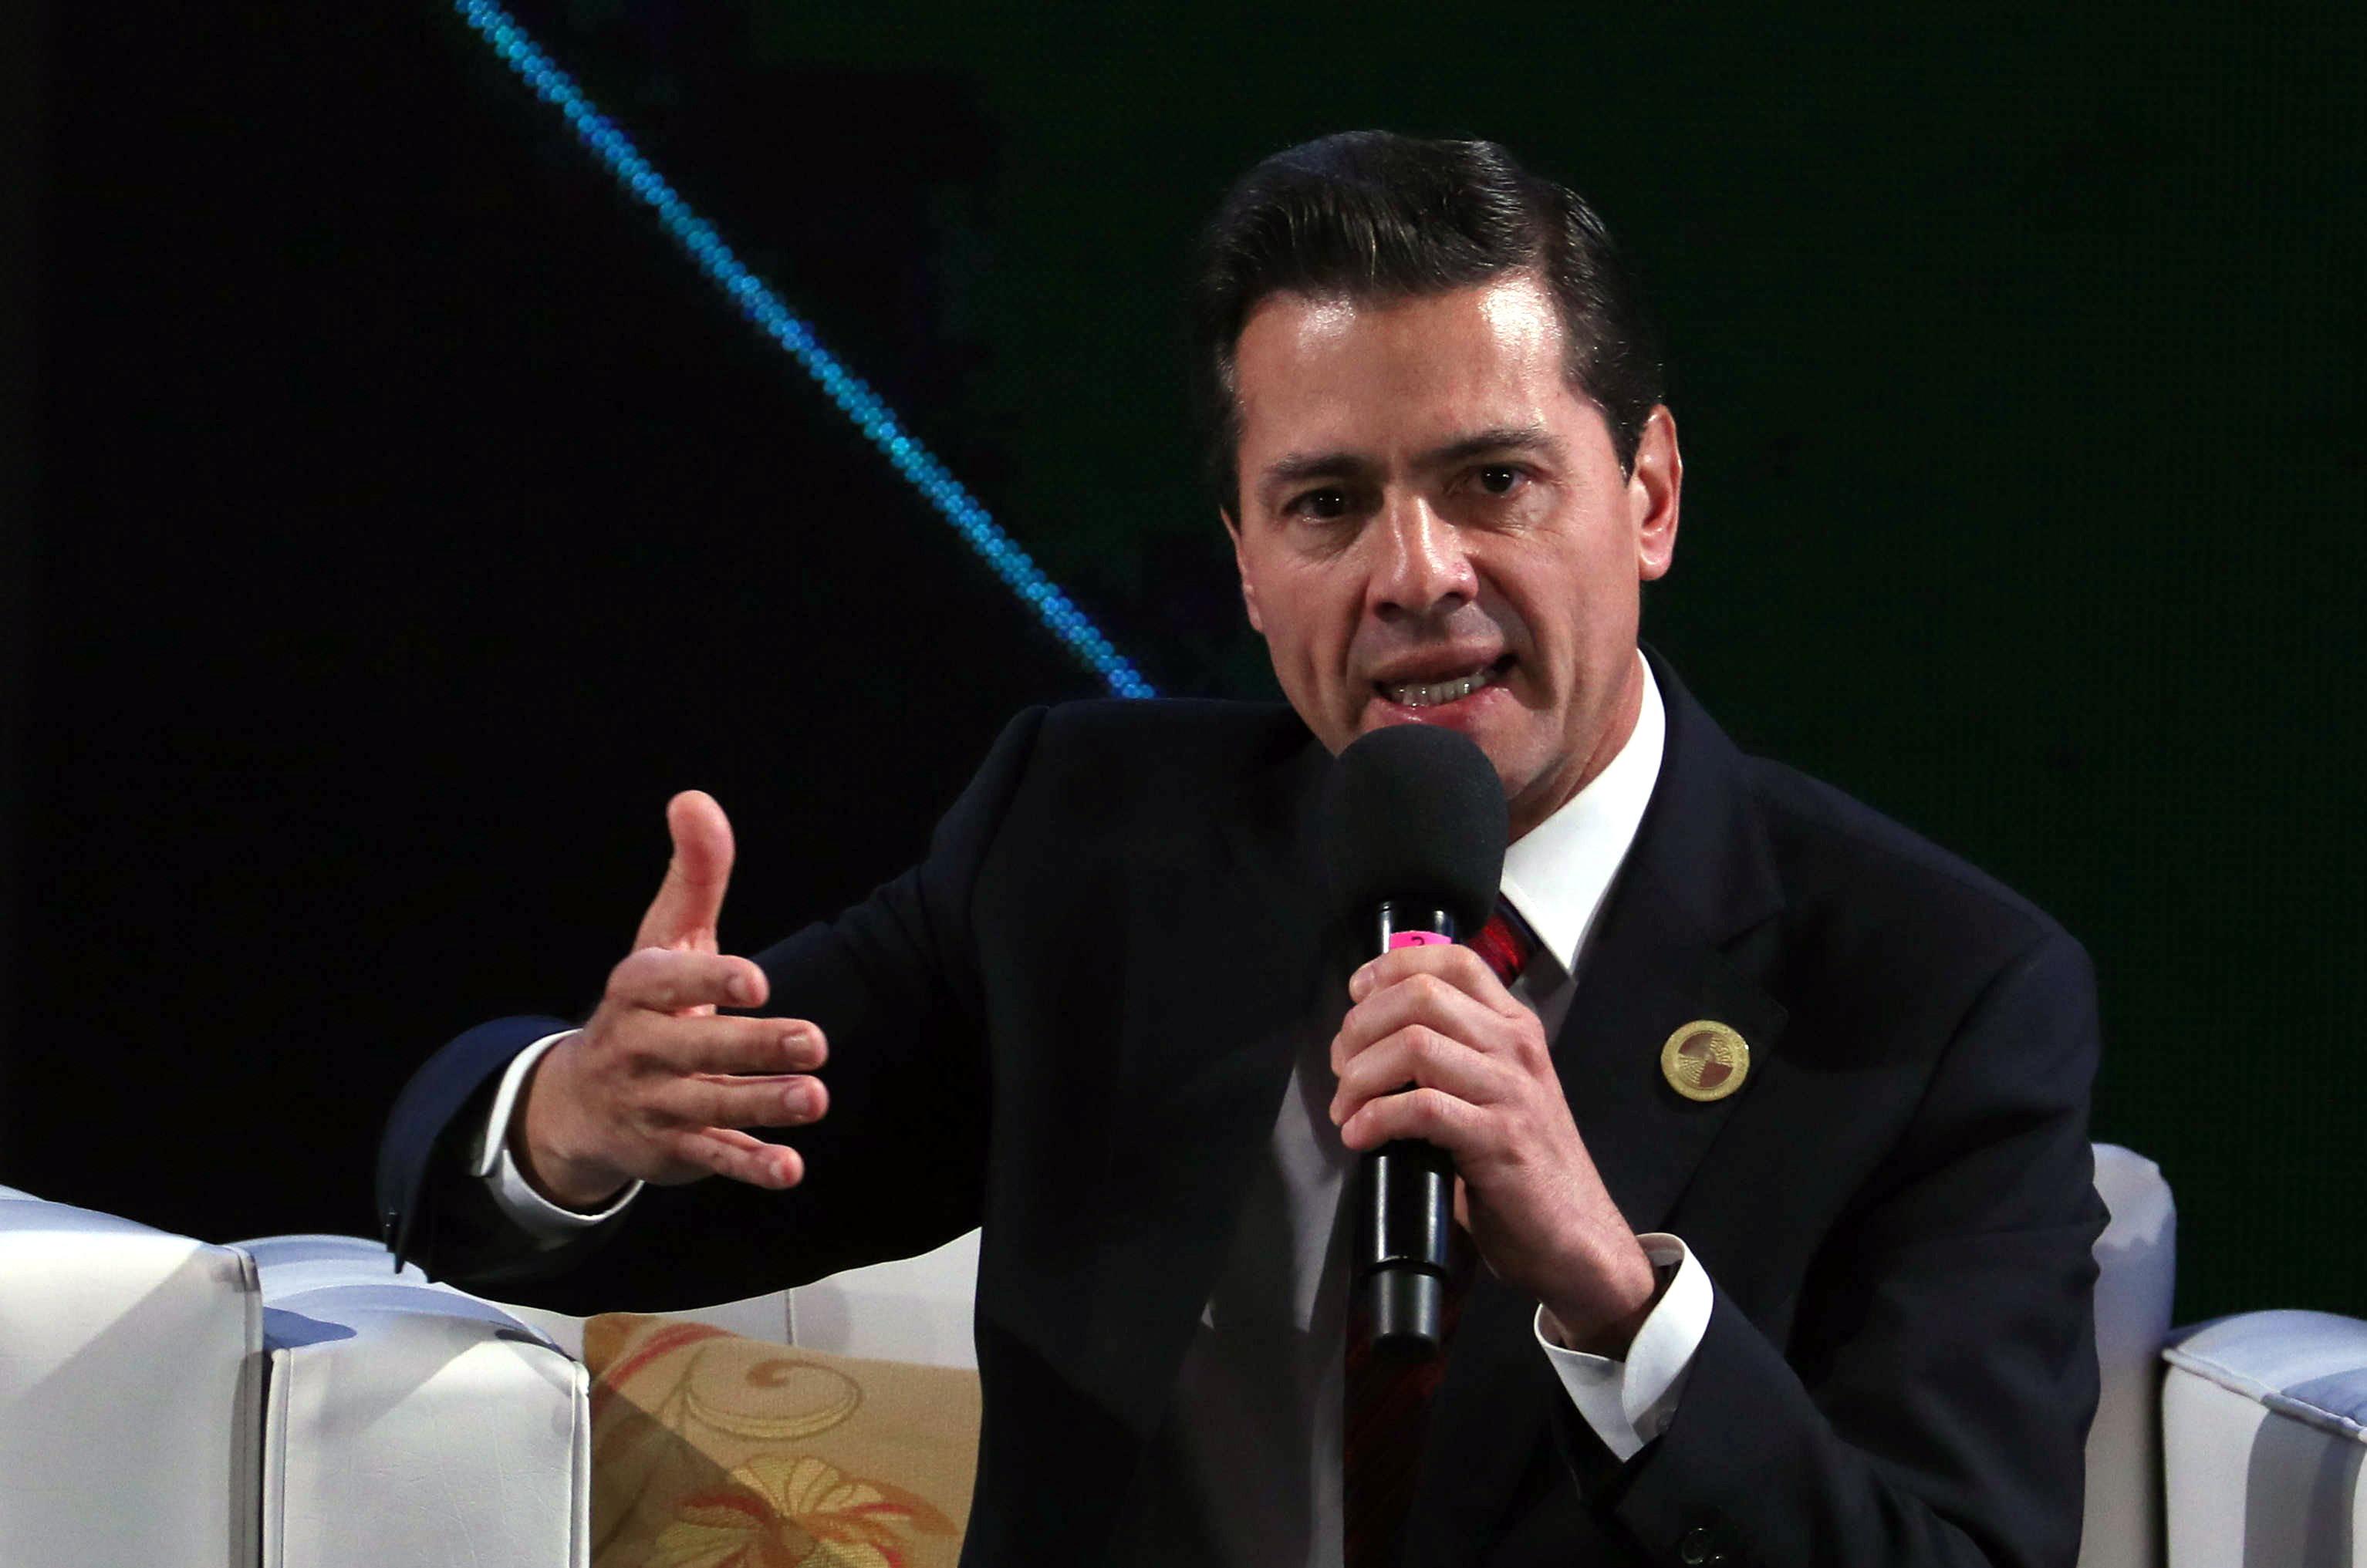 Ex-Presidente mexicano terá recebido suborno de 100 MUSD de 'El Chapo'